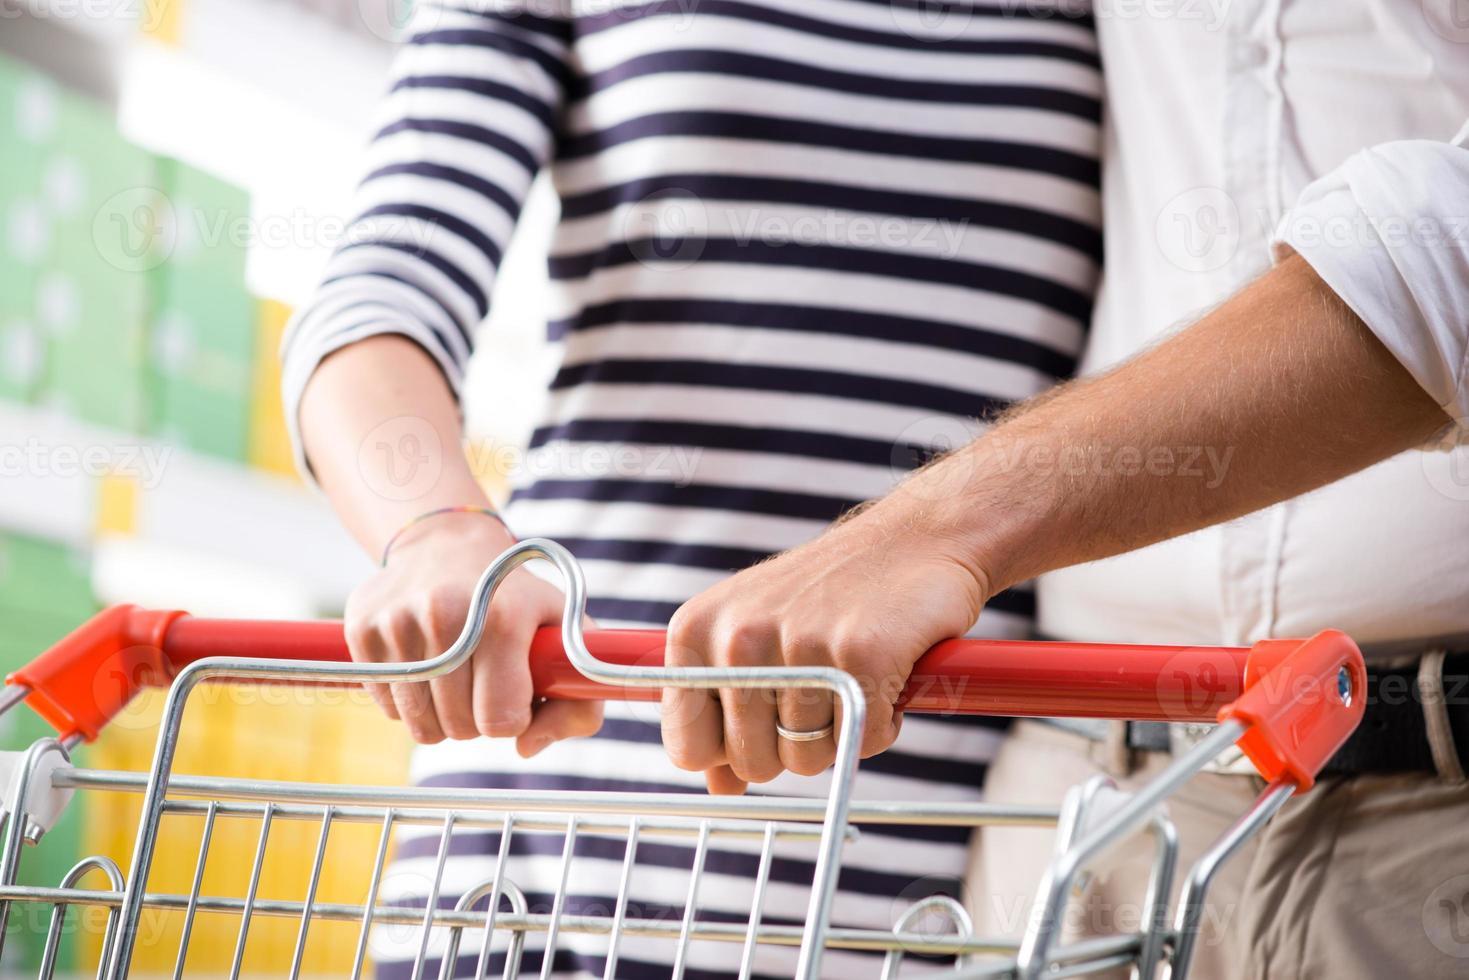 paar bij supermarkt handen close-up foto